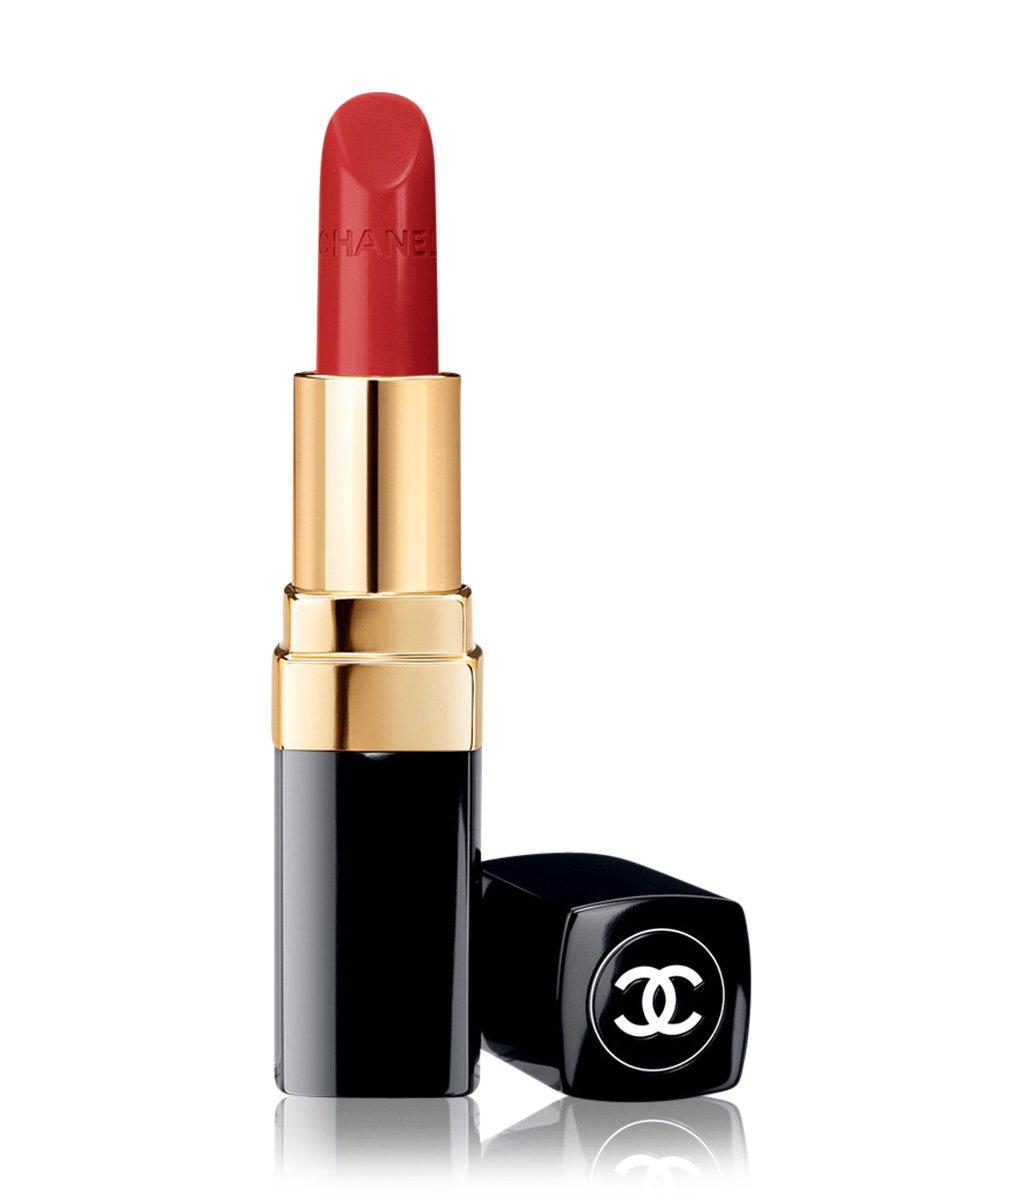 Coco Chanel Lippenstift : chanel rouge coco lippenstift bestellen flaconi ~ Watch28wear.com Haus und Dekorationen